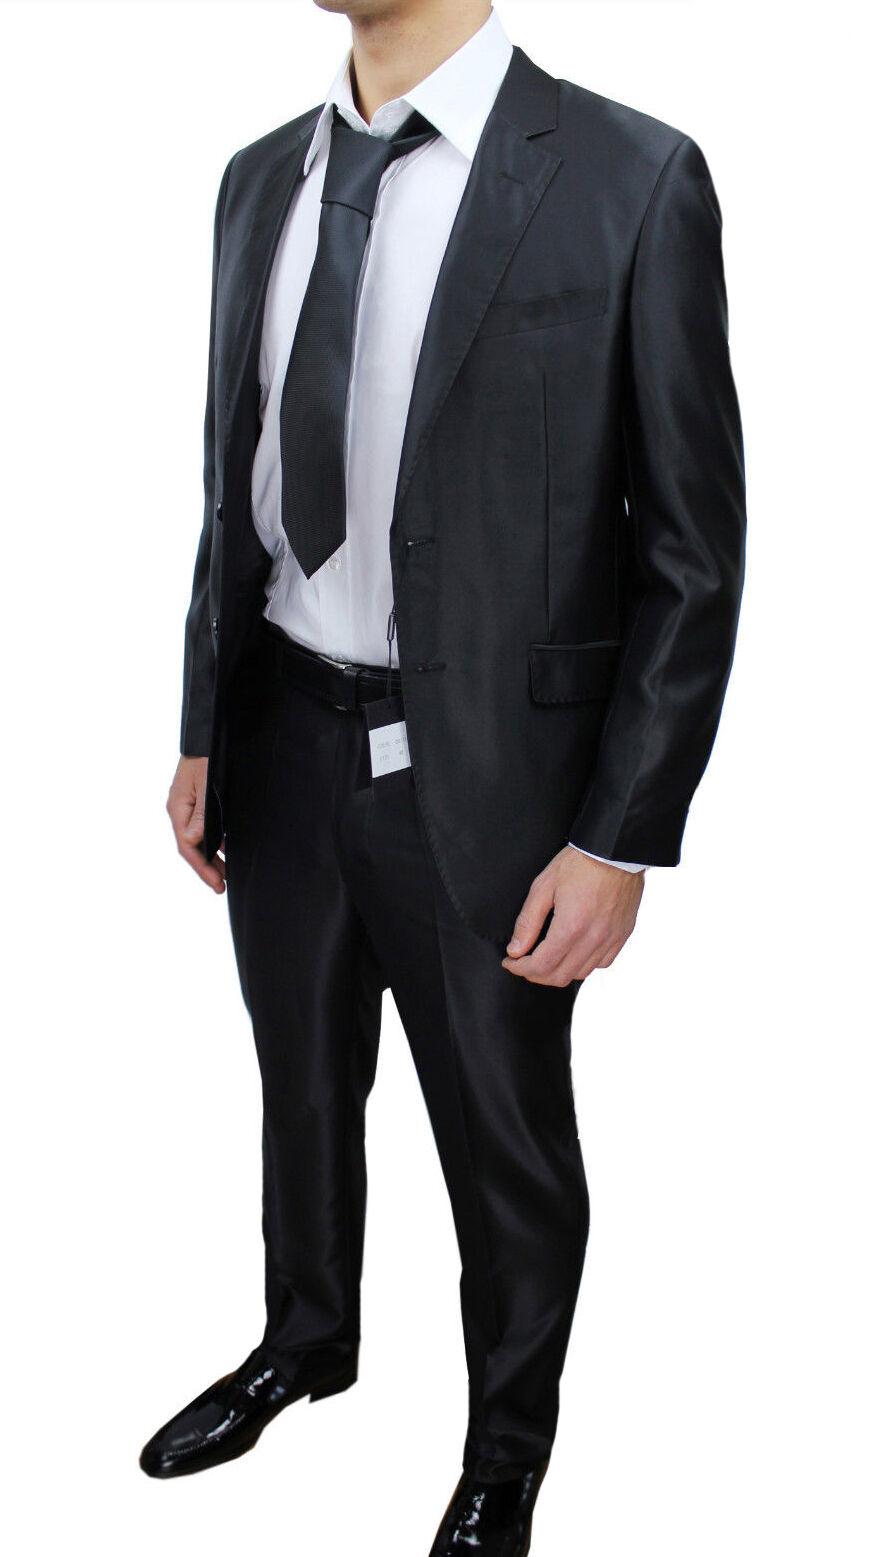 ABITO DA men SARTORIALE 08111 black RASO LUCIDO NUOVO COMPLETO VESTITO ELEGANTE